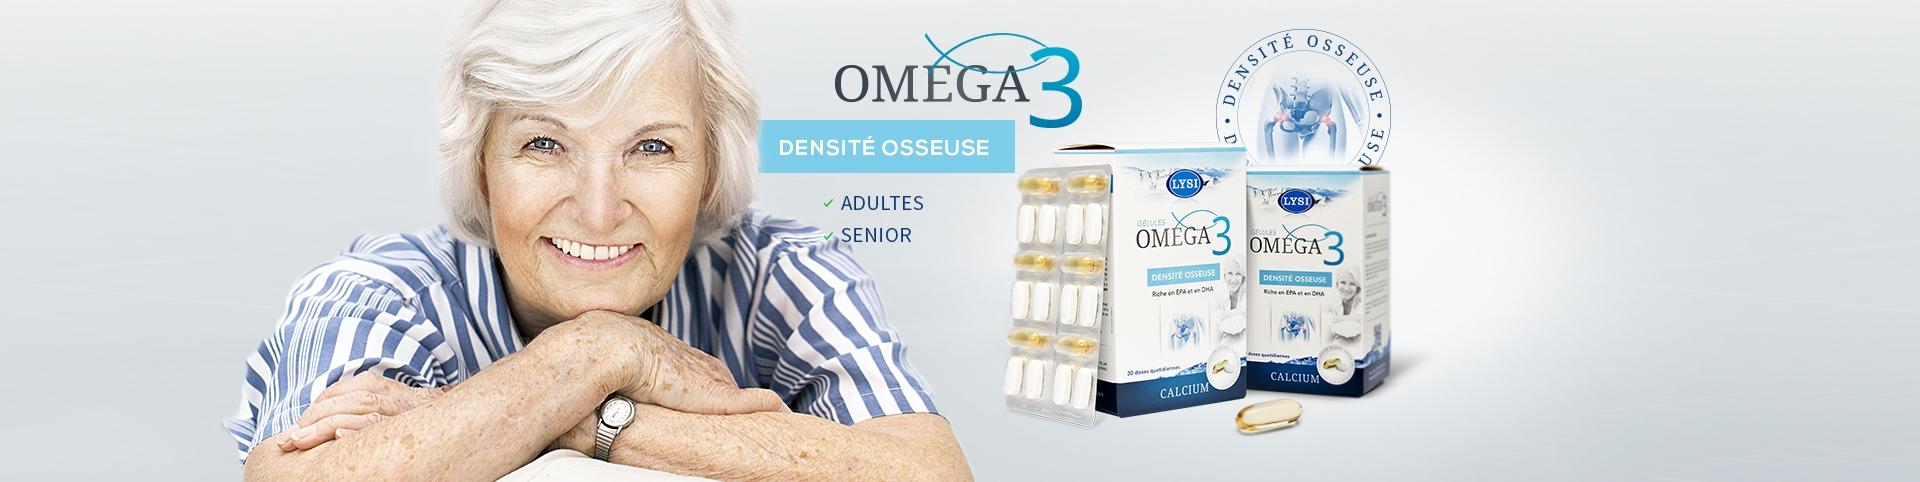 Cure d'omega 3, calcium et vitamine D pour rétablir votre densité osseuse